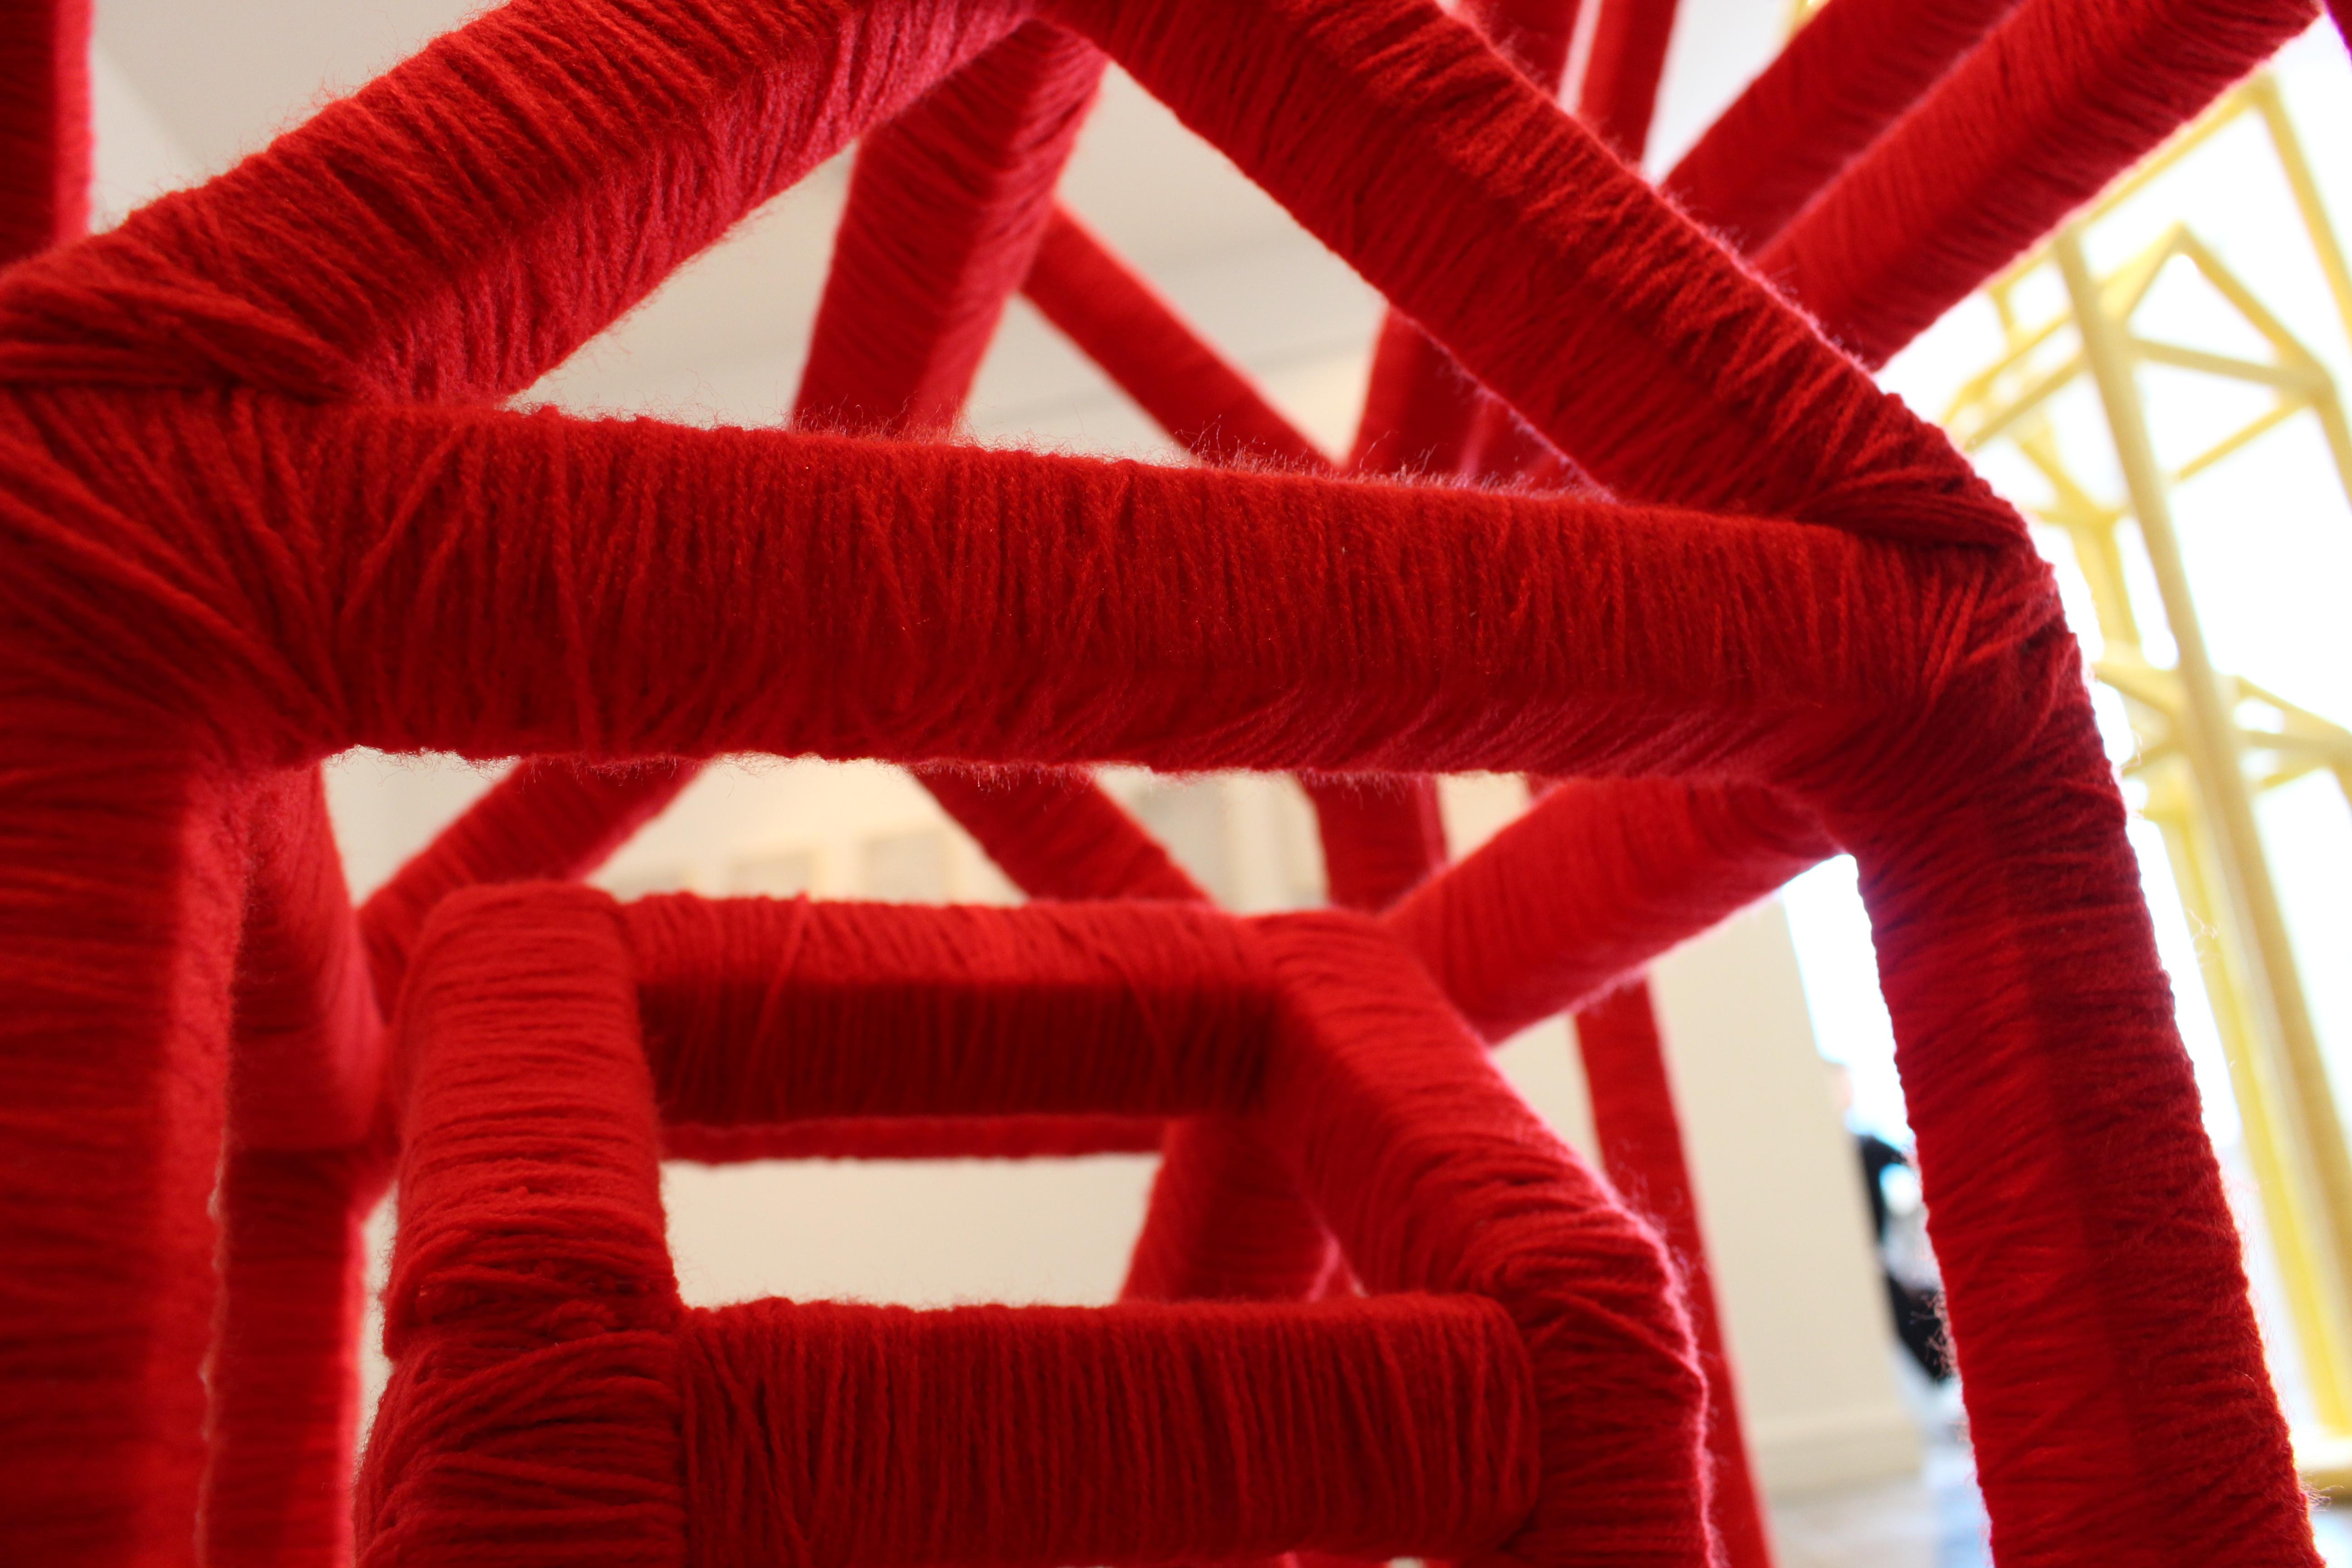 Hoooome (Red)